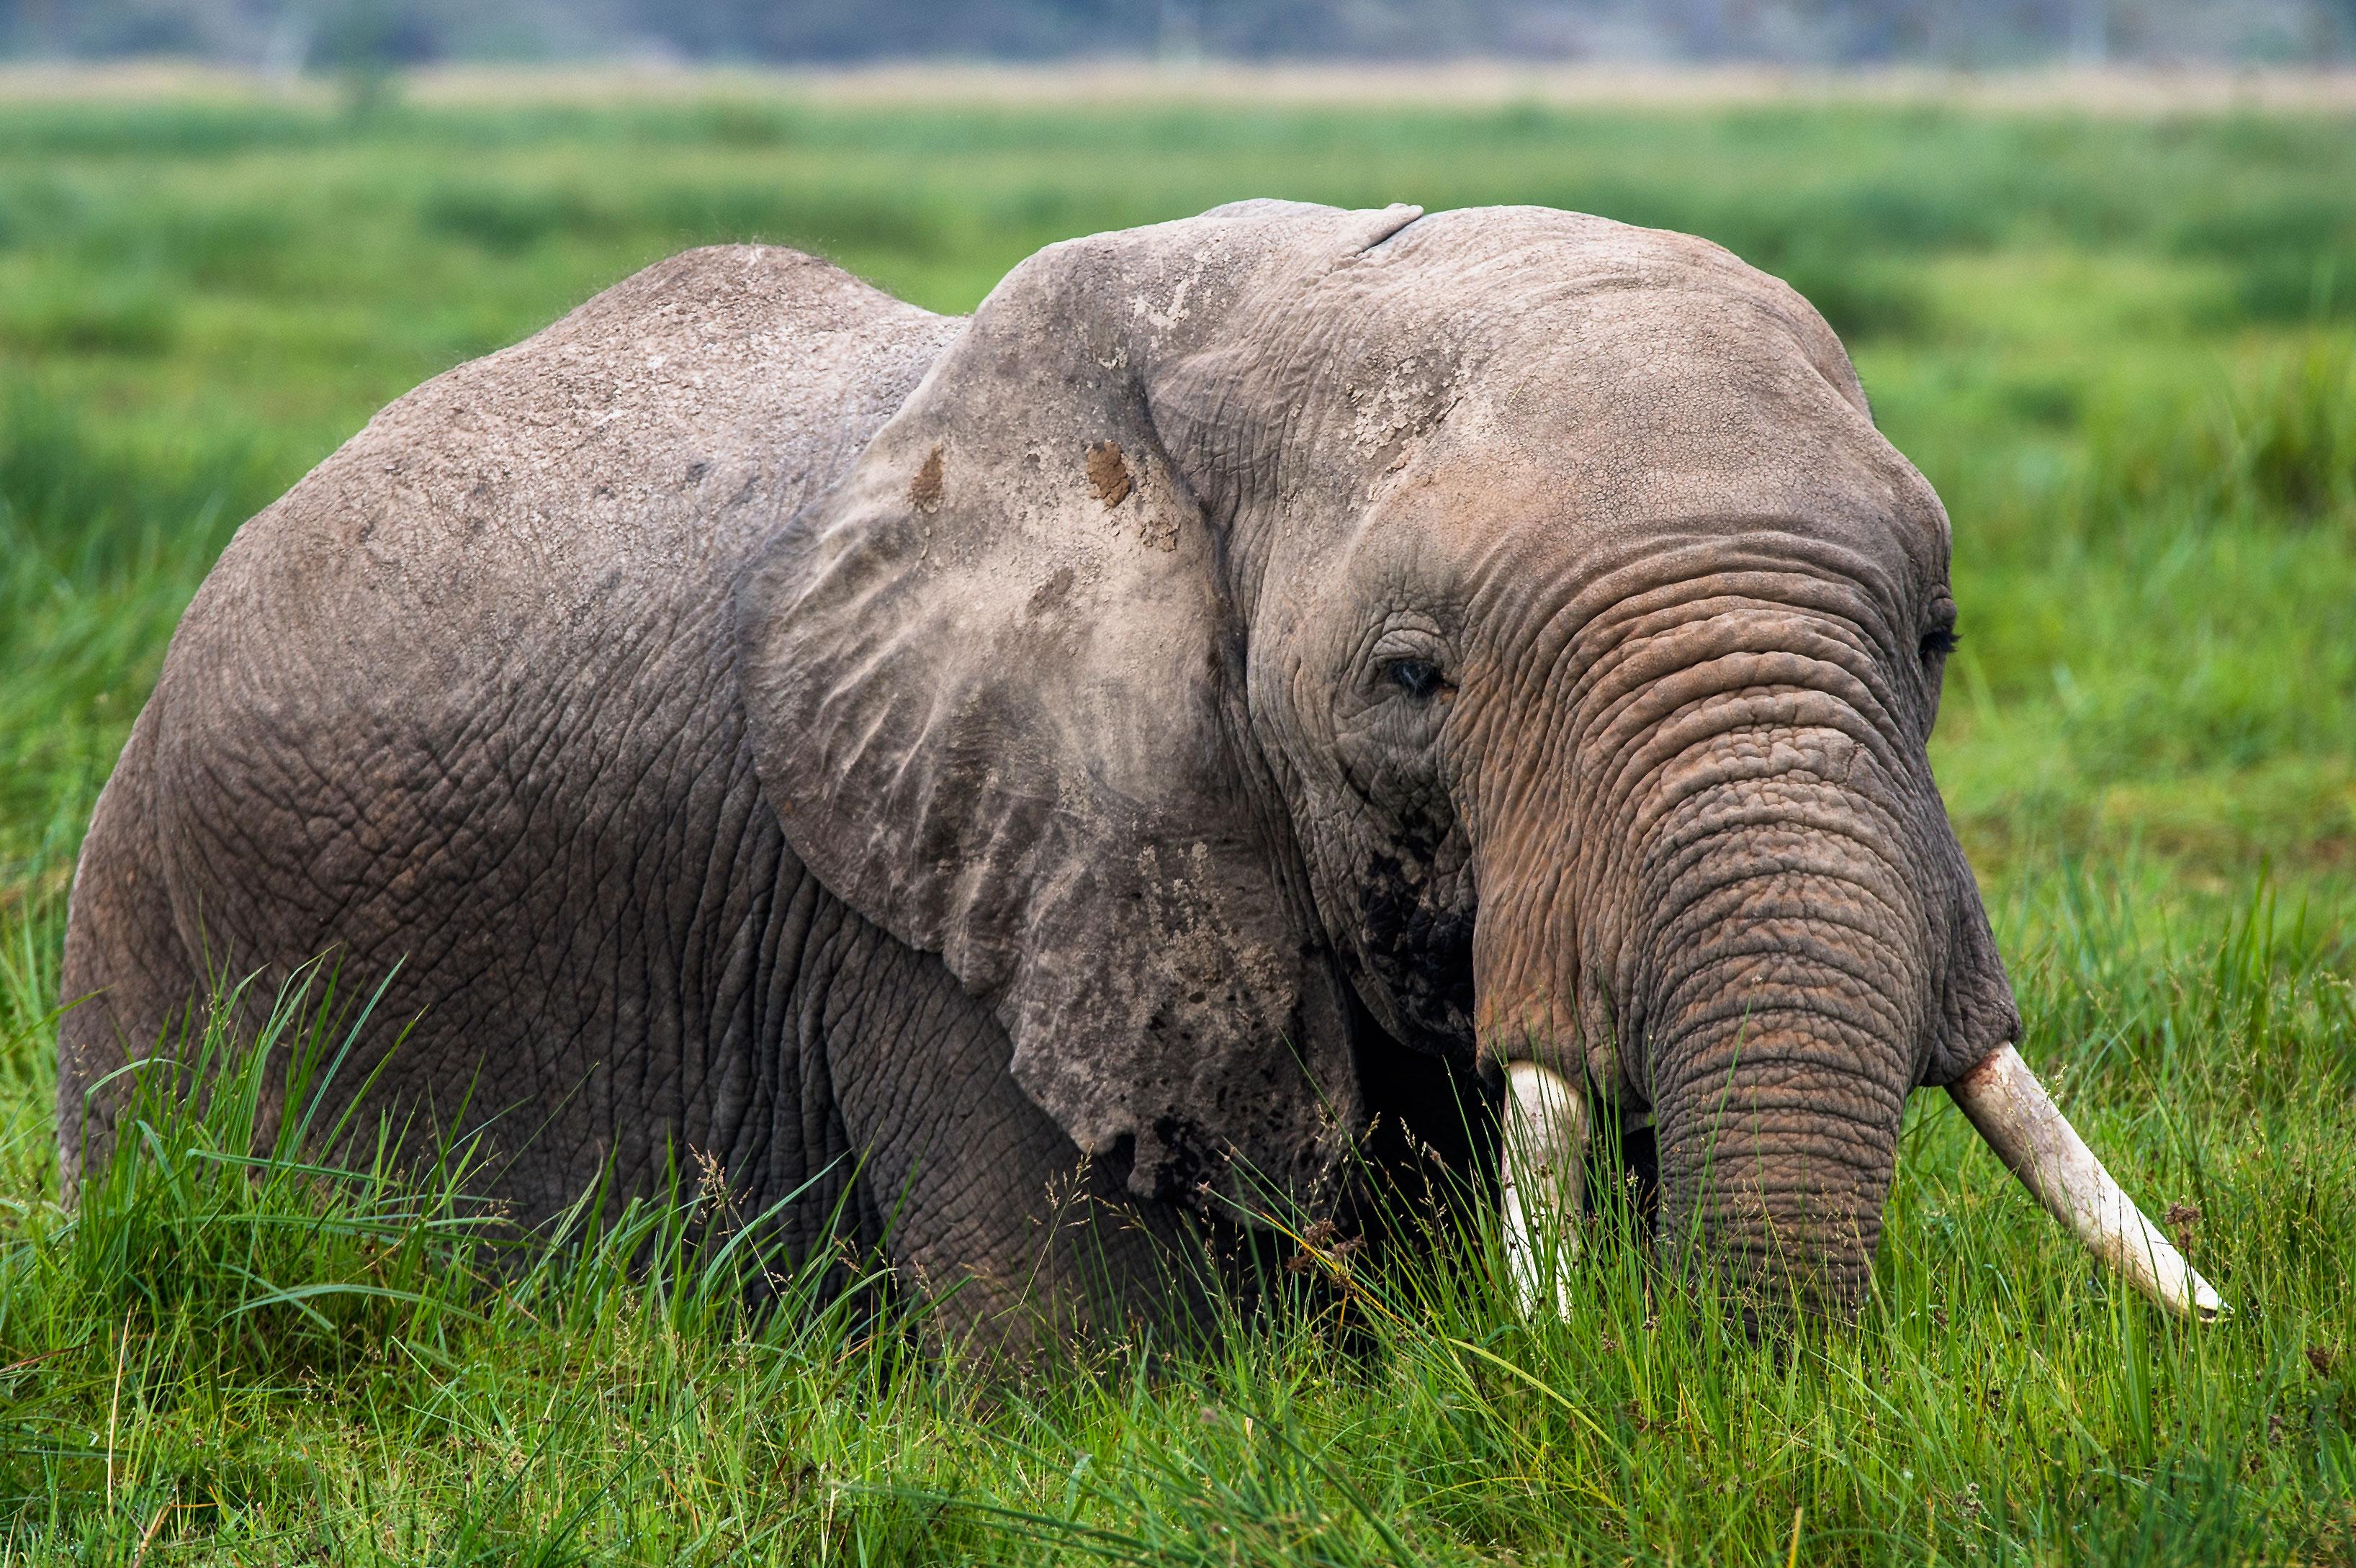 40x60 leinwand afrikanischer elefant - Elefanten bilder auf leinwand ...